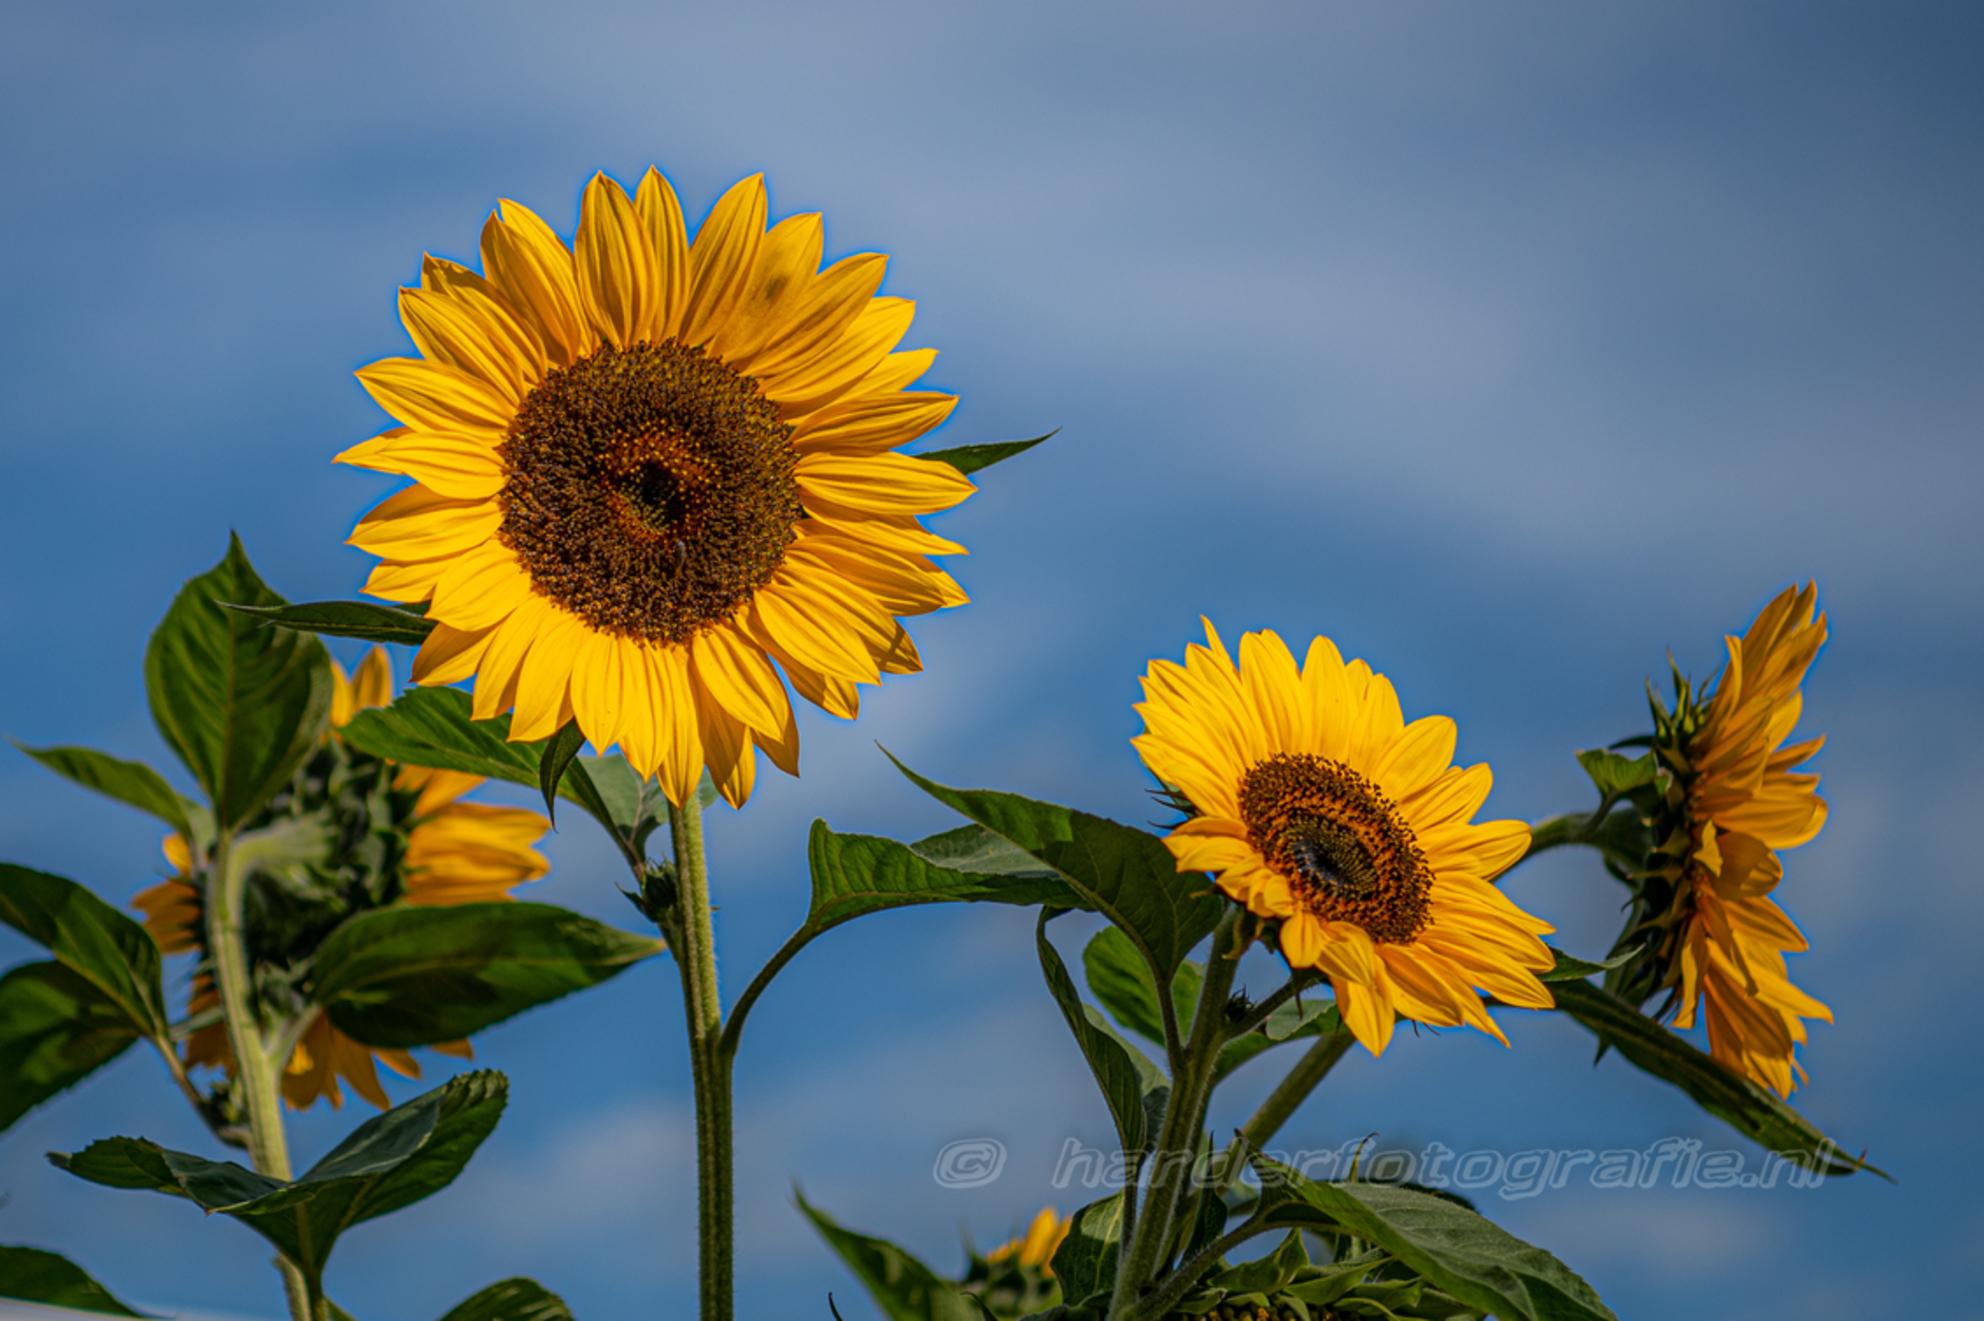 Zonnebloemen - Zonnebloemen bloeien ook in meppel midden in de stad. - foto door deharder op 08-08-2020 - deze foto bevat: bloem, zonnebloem, zomer, meppel, deharder - Deze foto mag gebruikt worden in een Zoom.nl publicatie